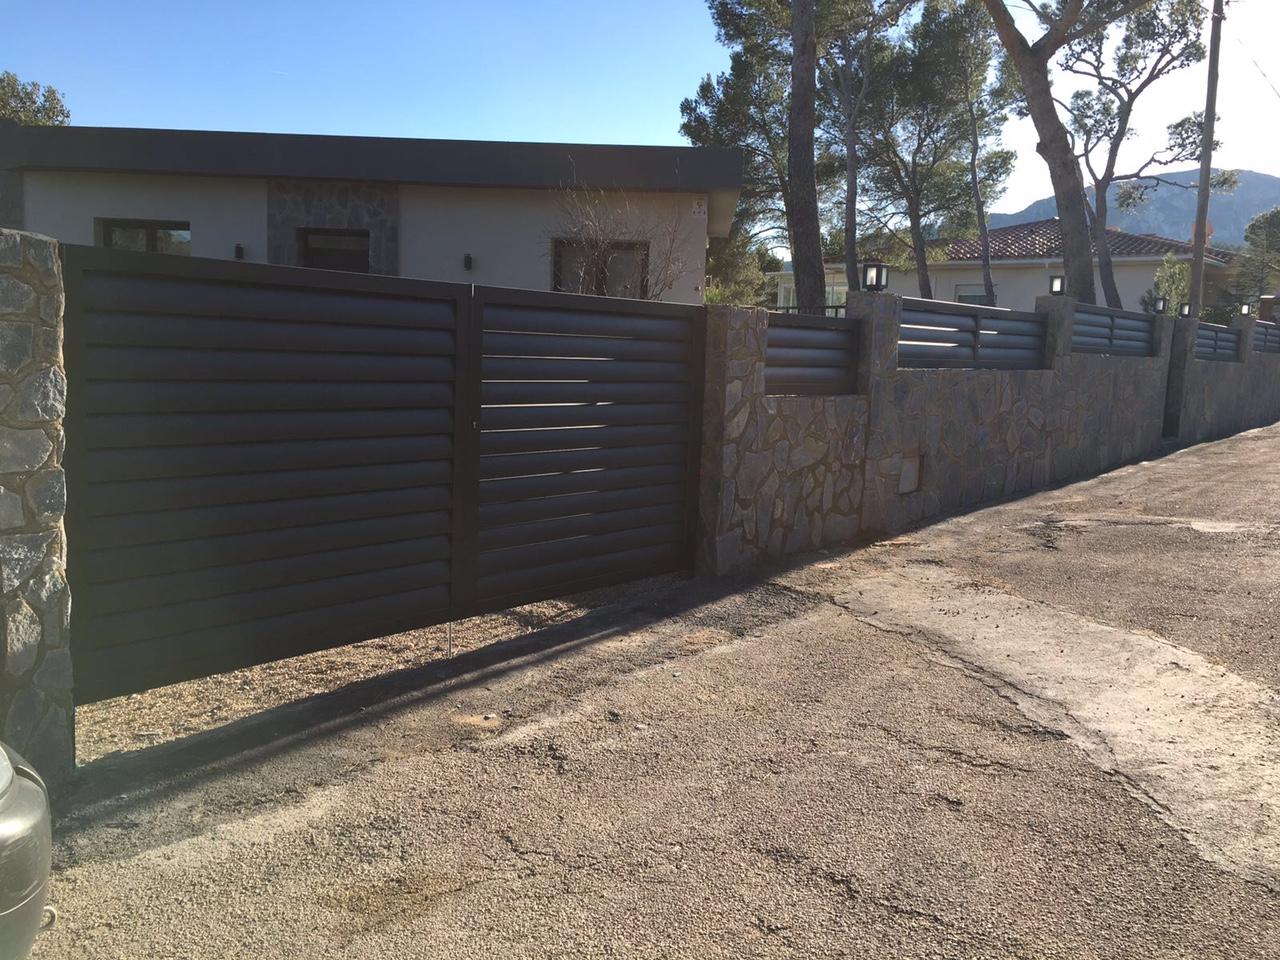 Puertas y vallas de aluminio soldado y lacado alusir for Vallas de aluminio para jardin